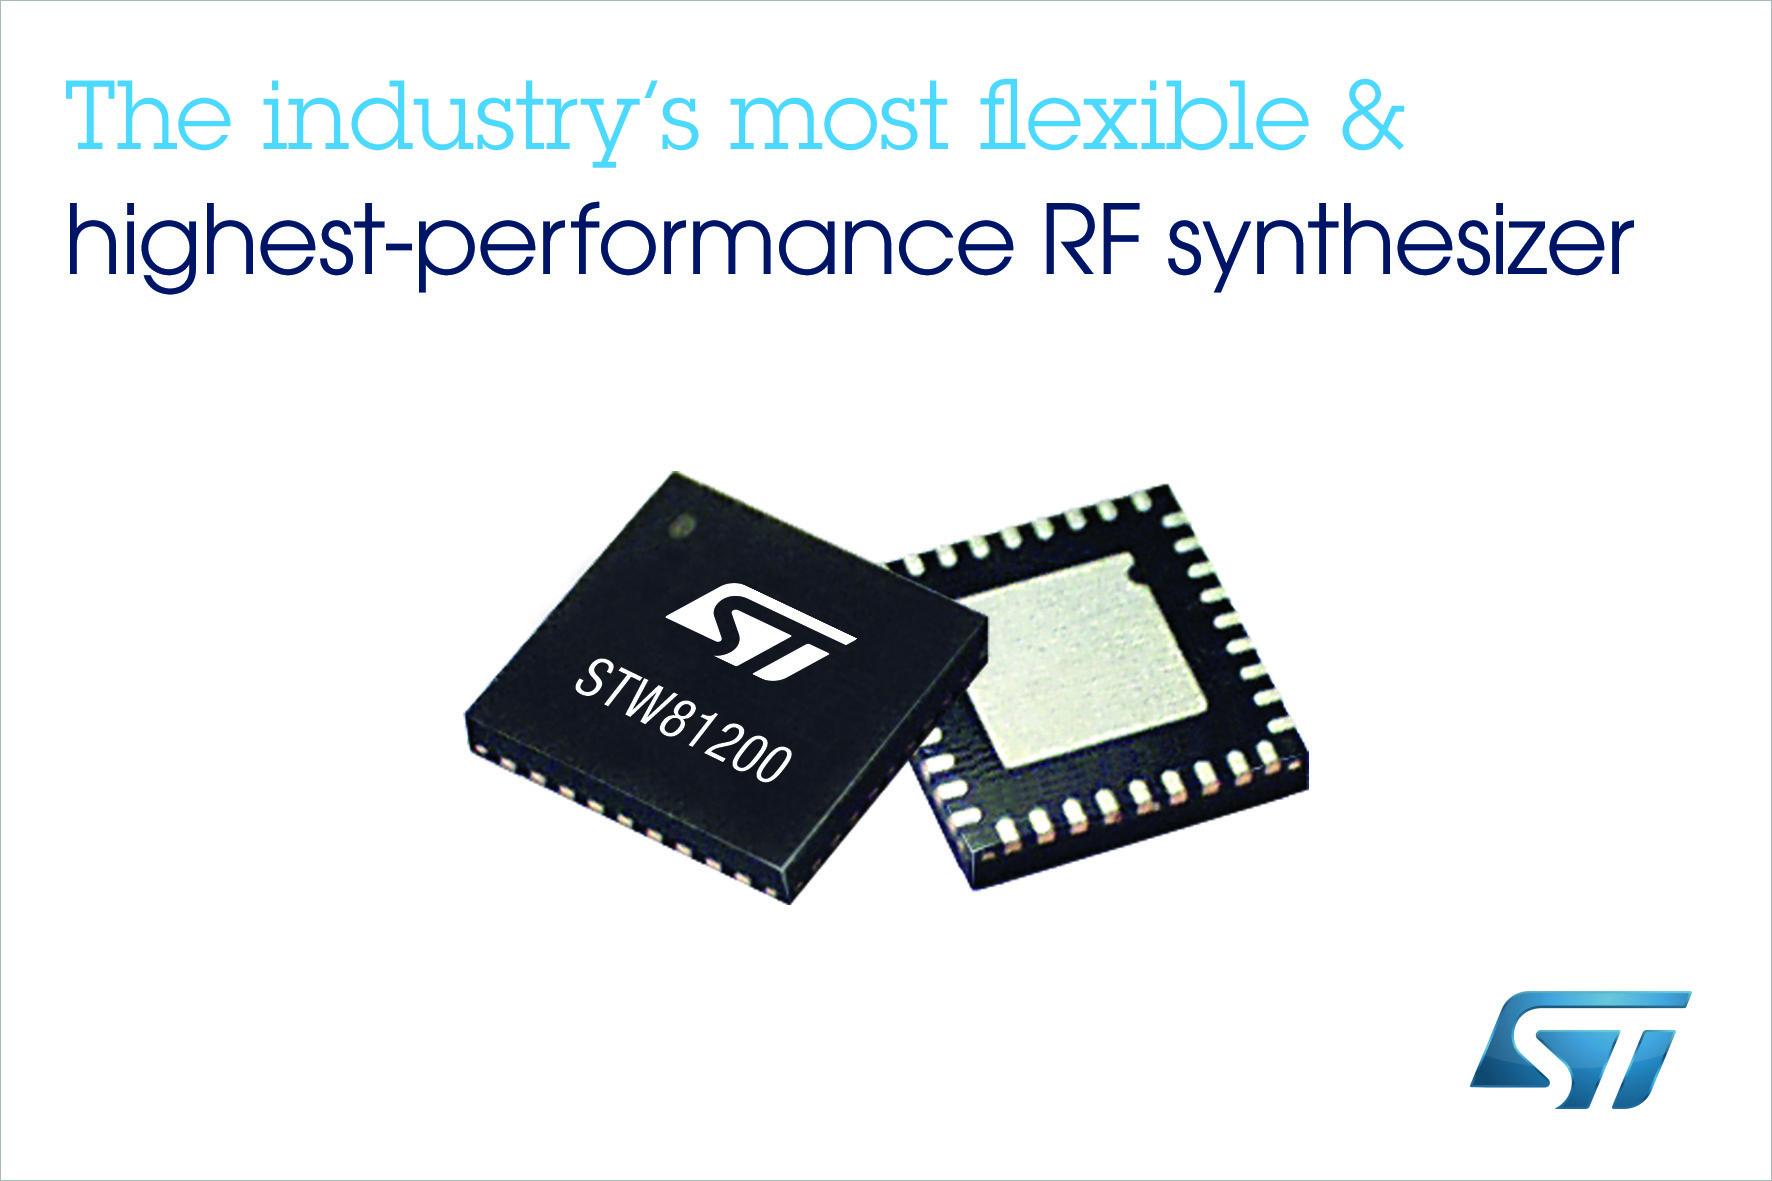 ST推出市场上最灵活的高性能宽带射频合成器